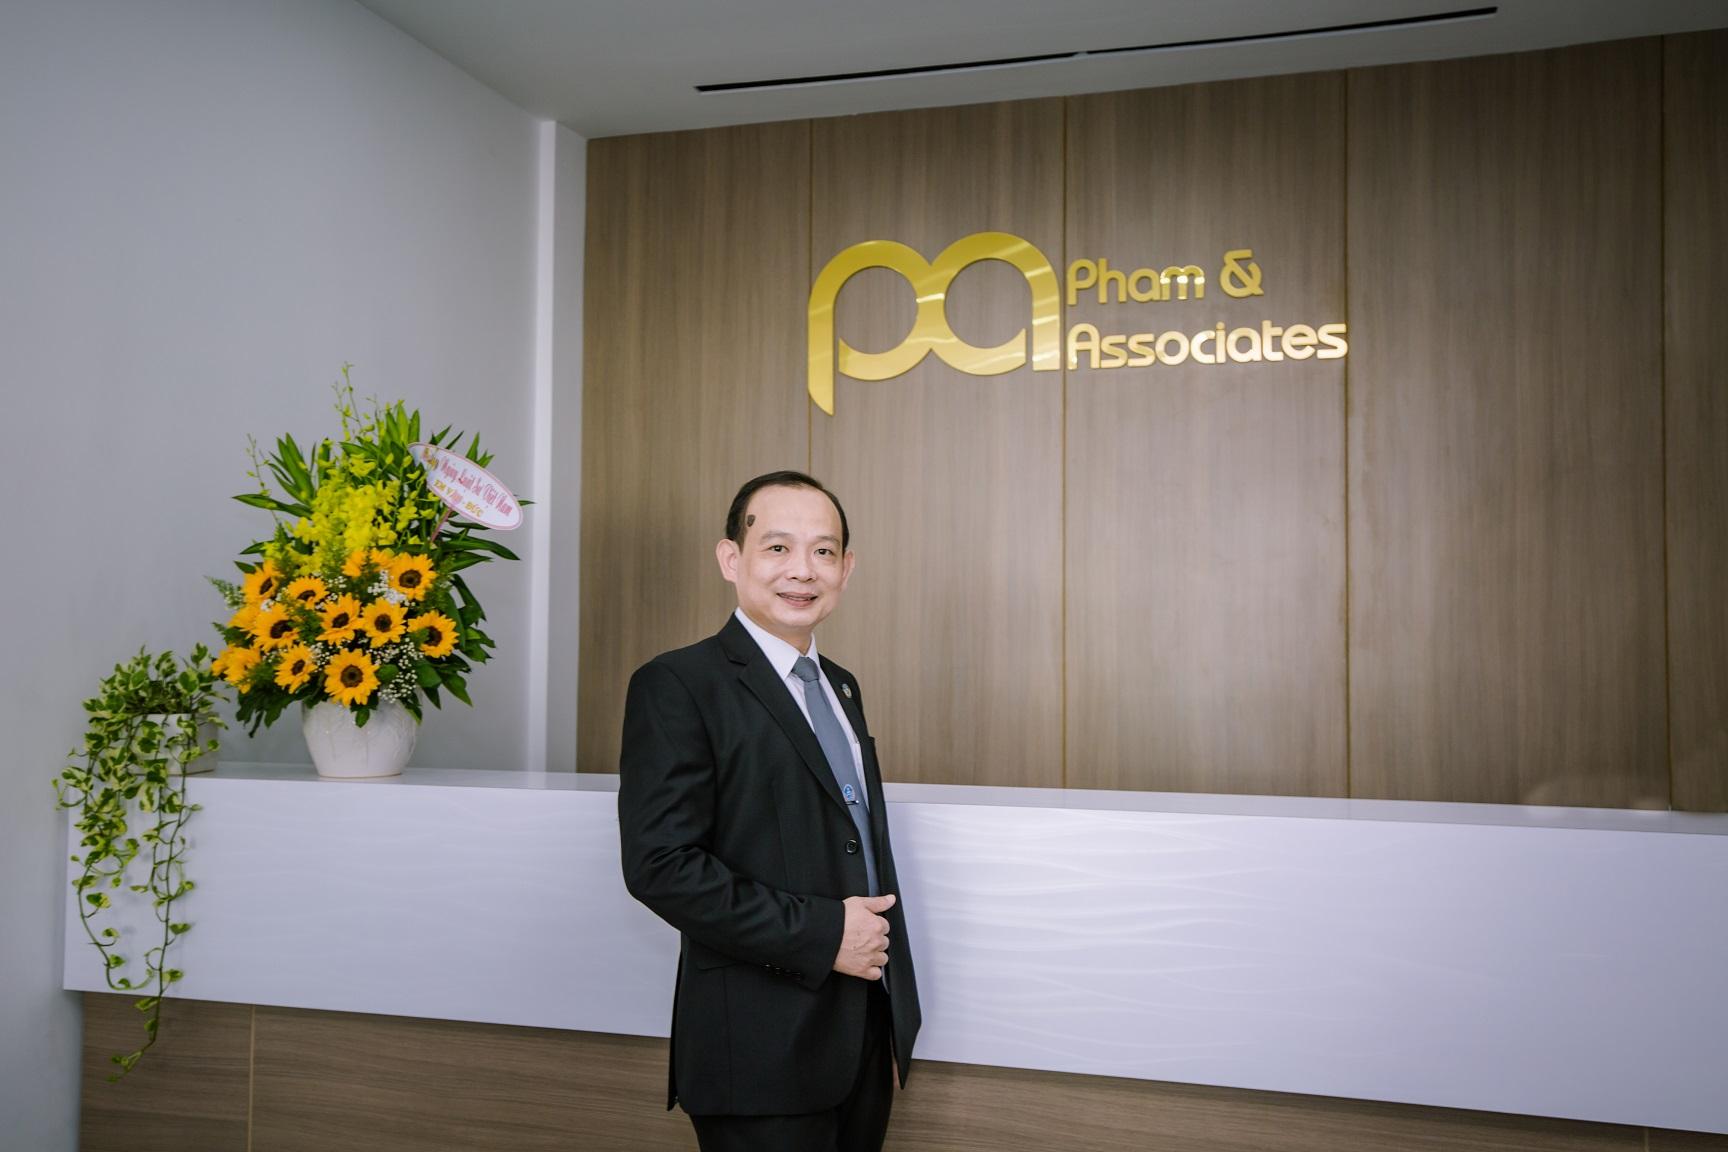 Luật sư Lê Ngô Hoài Phong - Trưởng Chi nhánh Công ty Luật TNHH Phạm và Liên danh tại Đà Nẵng